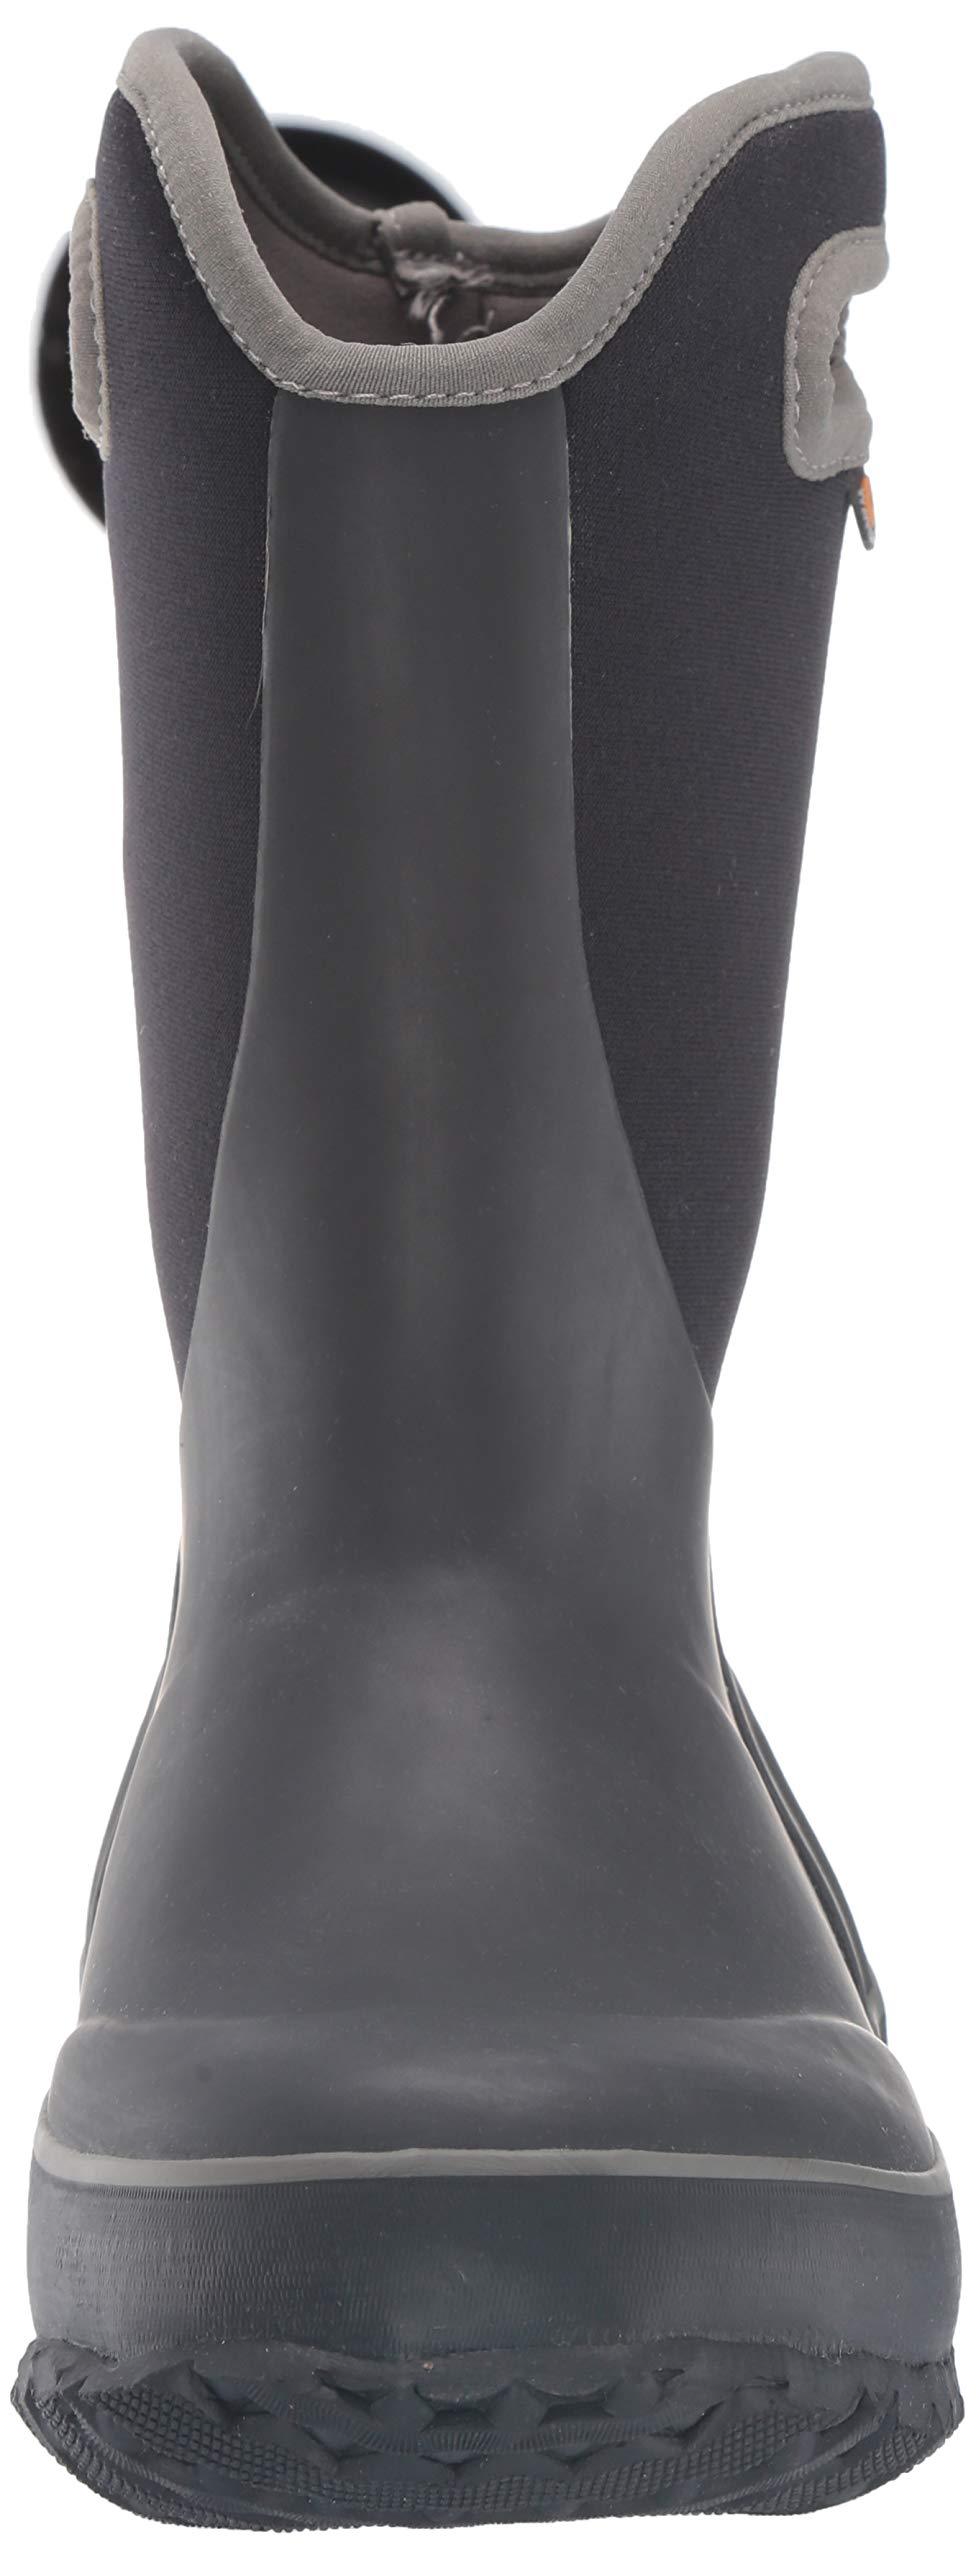 Bogs Unisex Slushie Snow Boot, Solid Black/Multi, 5 Medium US Big Kid by Bogs (Image #4)